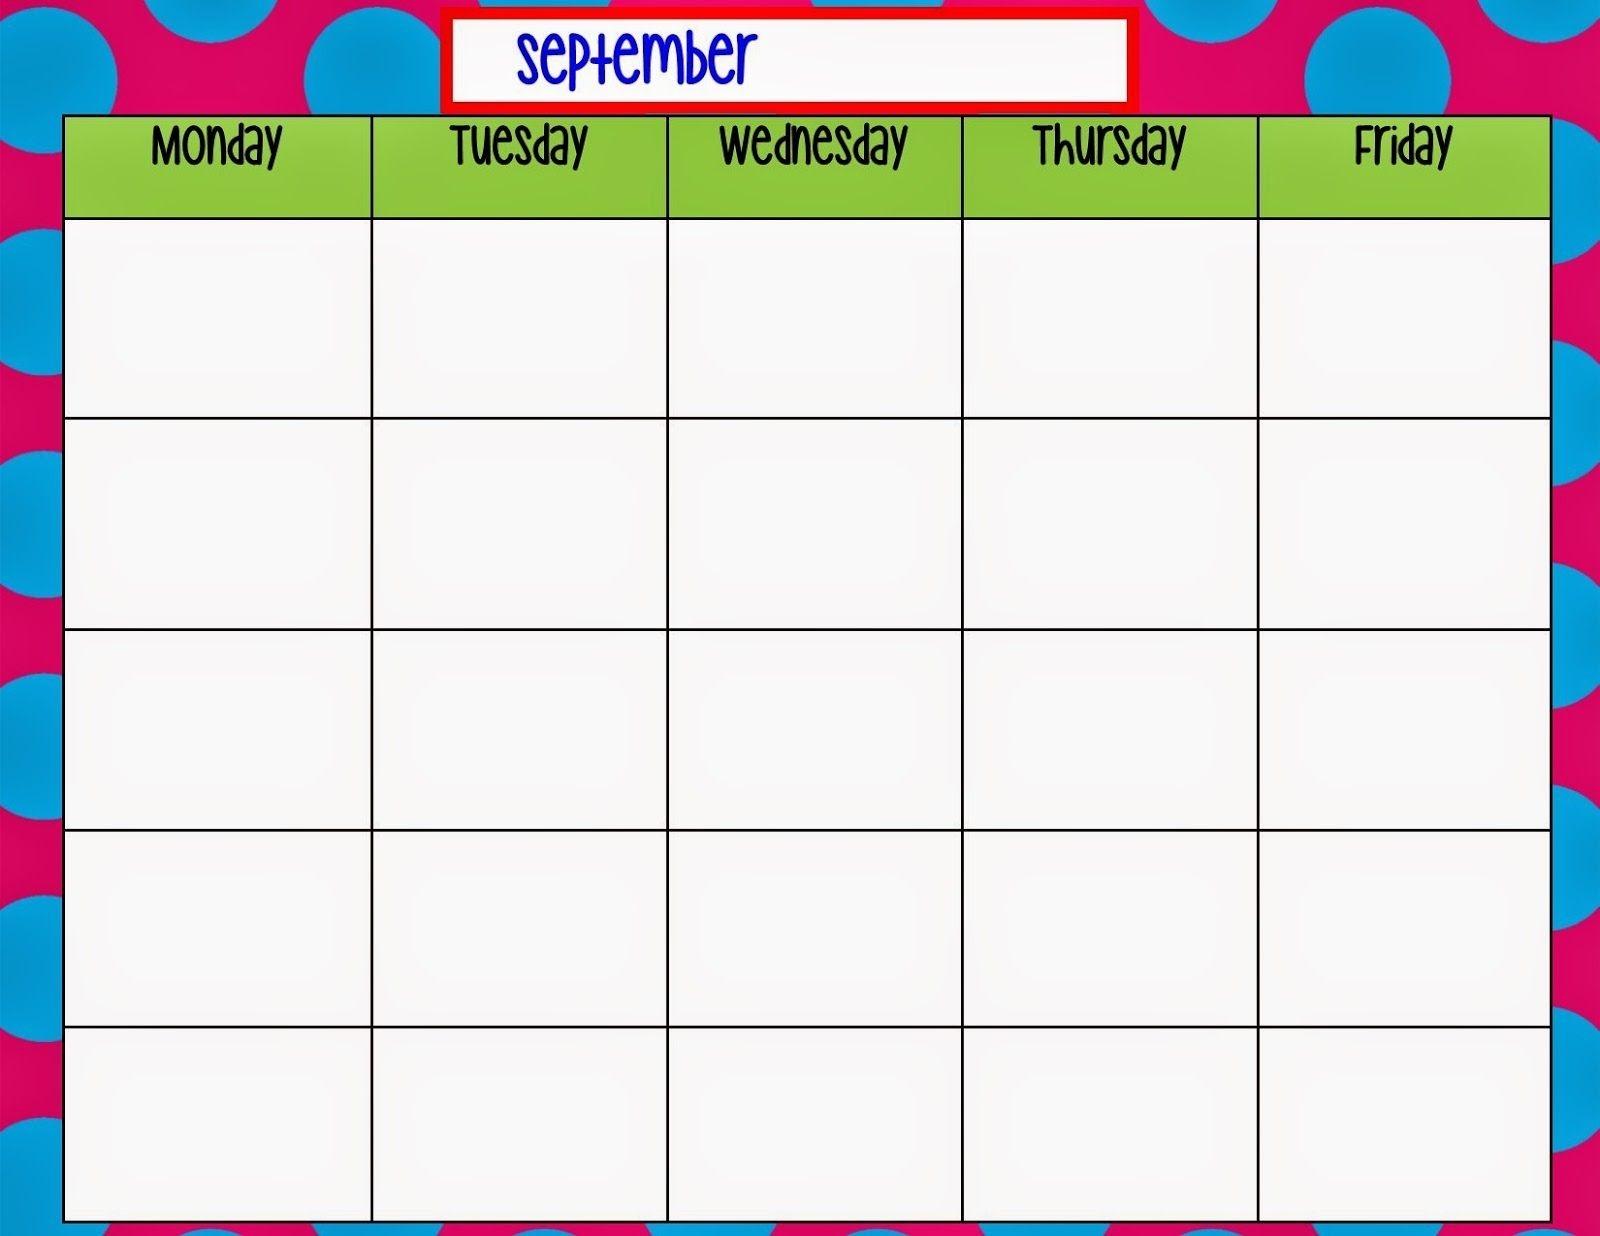 Monday Through Friday Calendar Template | Preschool | Weekly-Monday To Friday Blank Calendar Printable